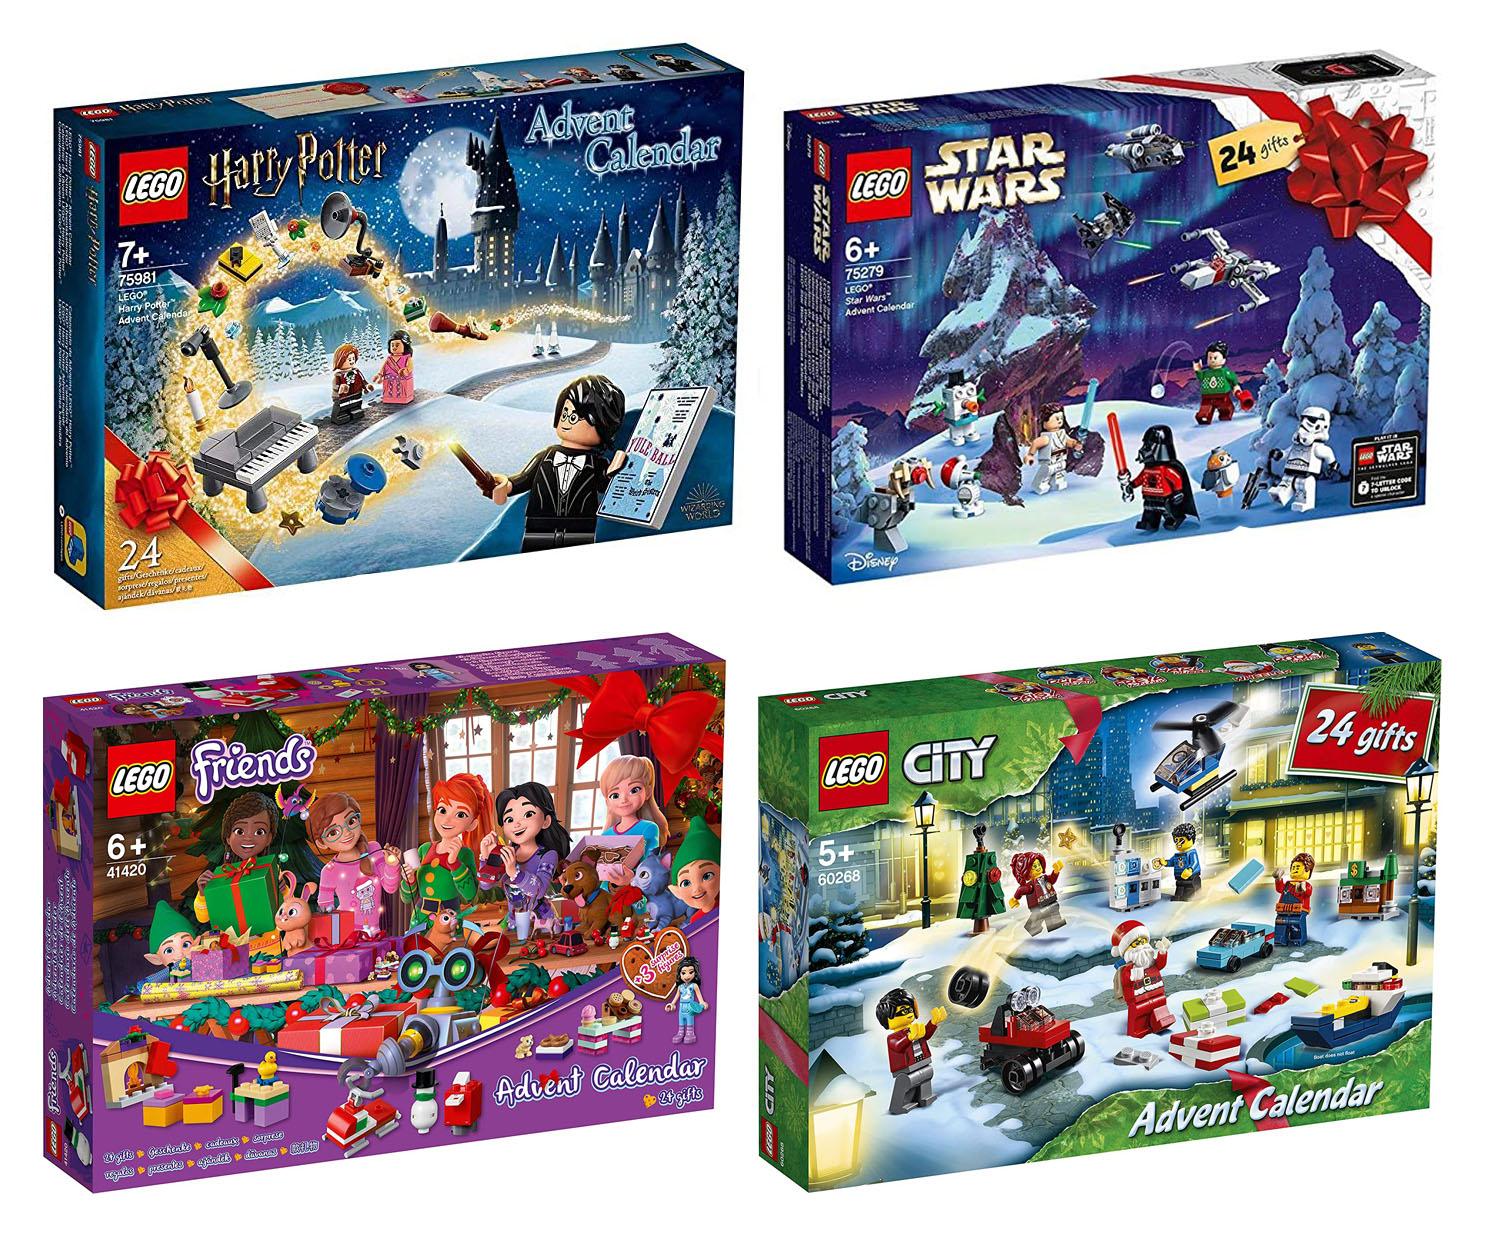 レゴ(LEGO) アドベントカレンダー【ハリポタ、スター・ウォーズ、シティ、フレンズ】